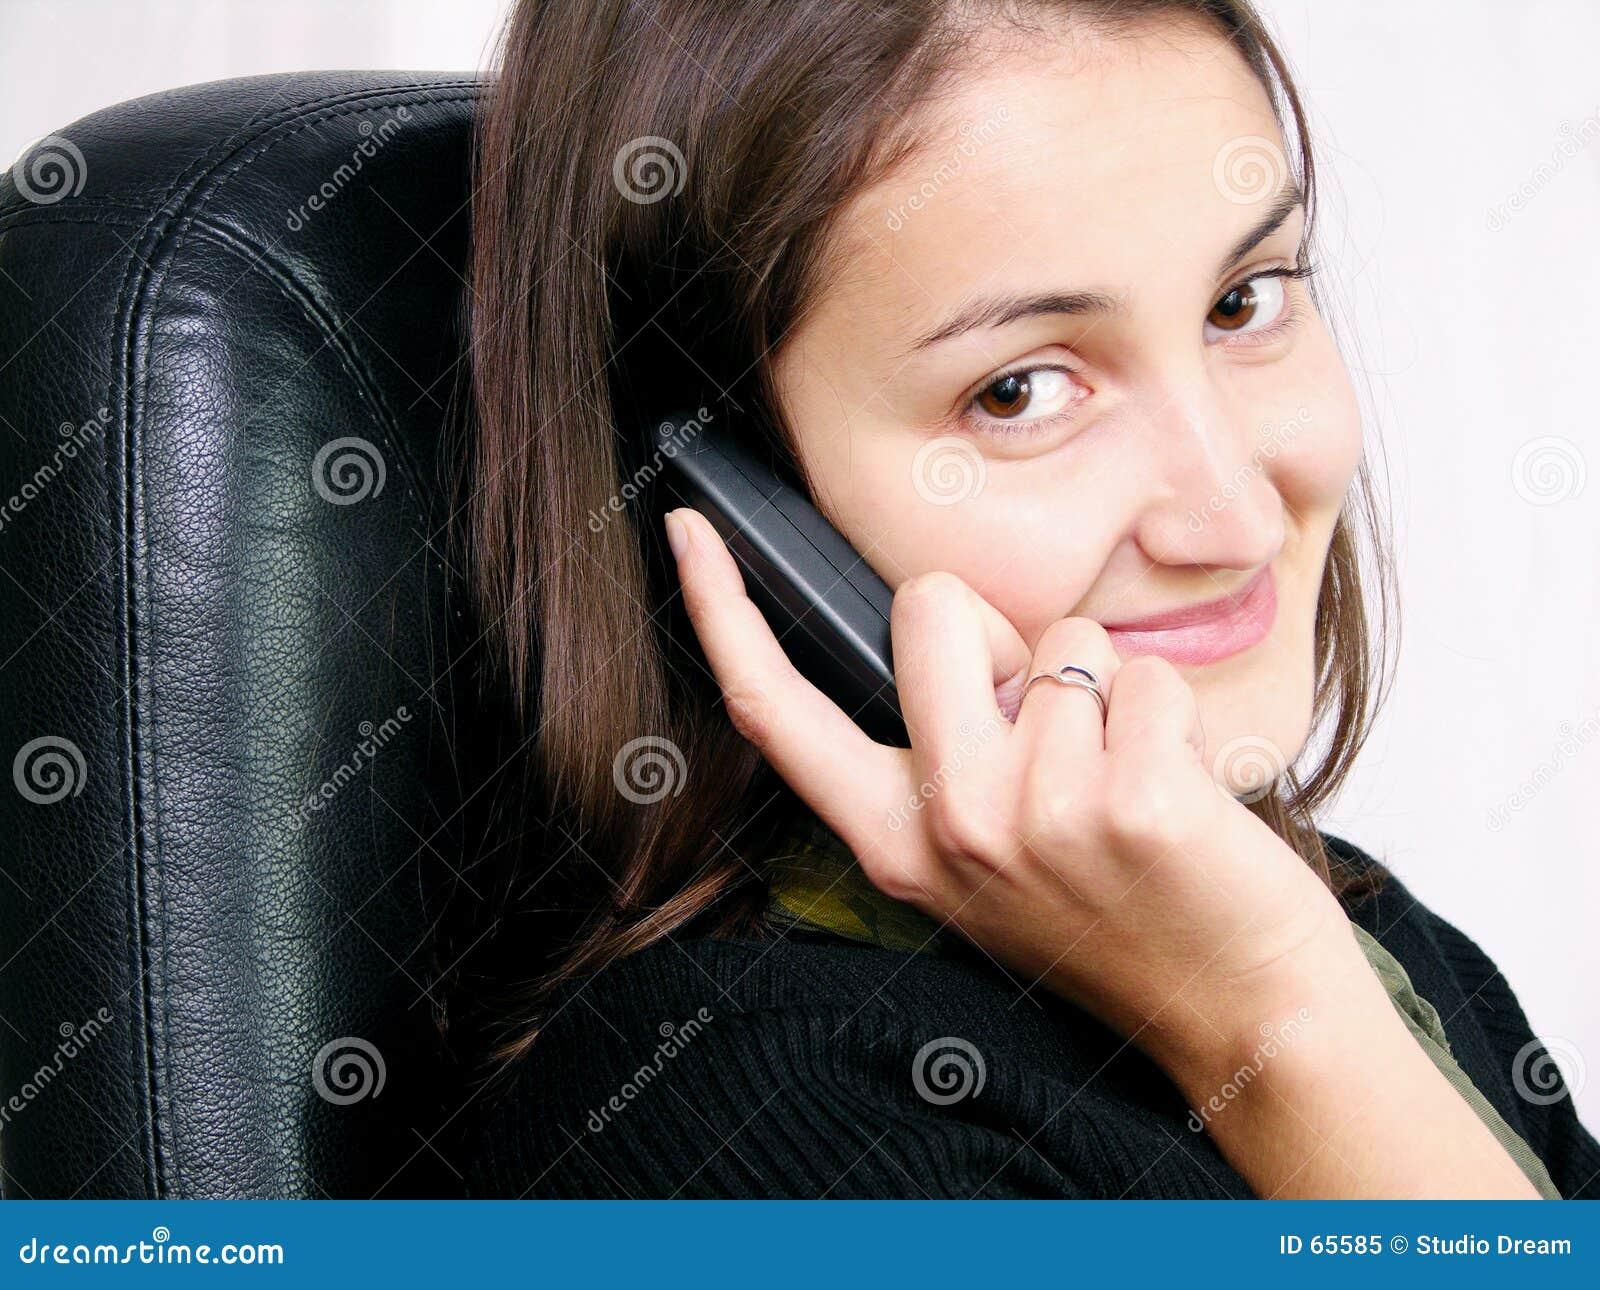 Llamando alguien 2